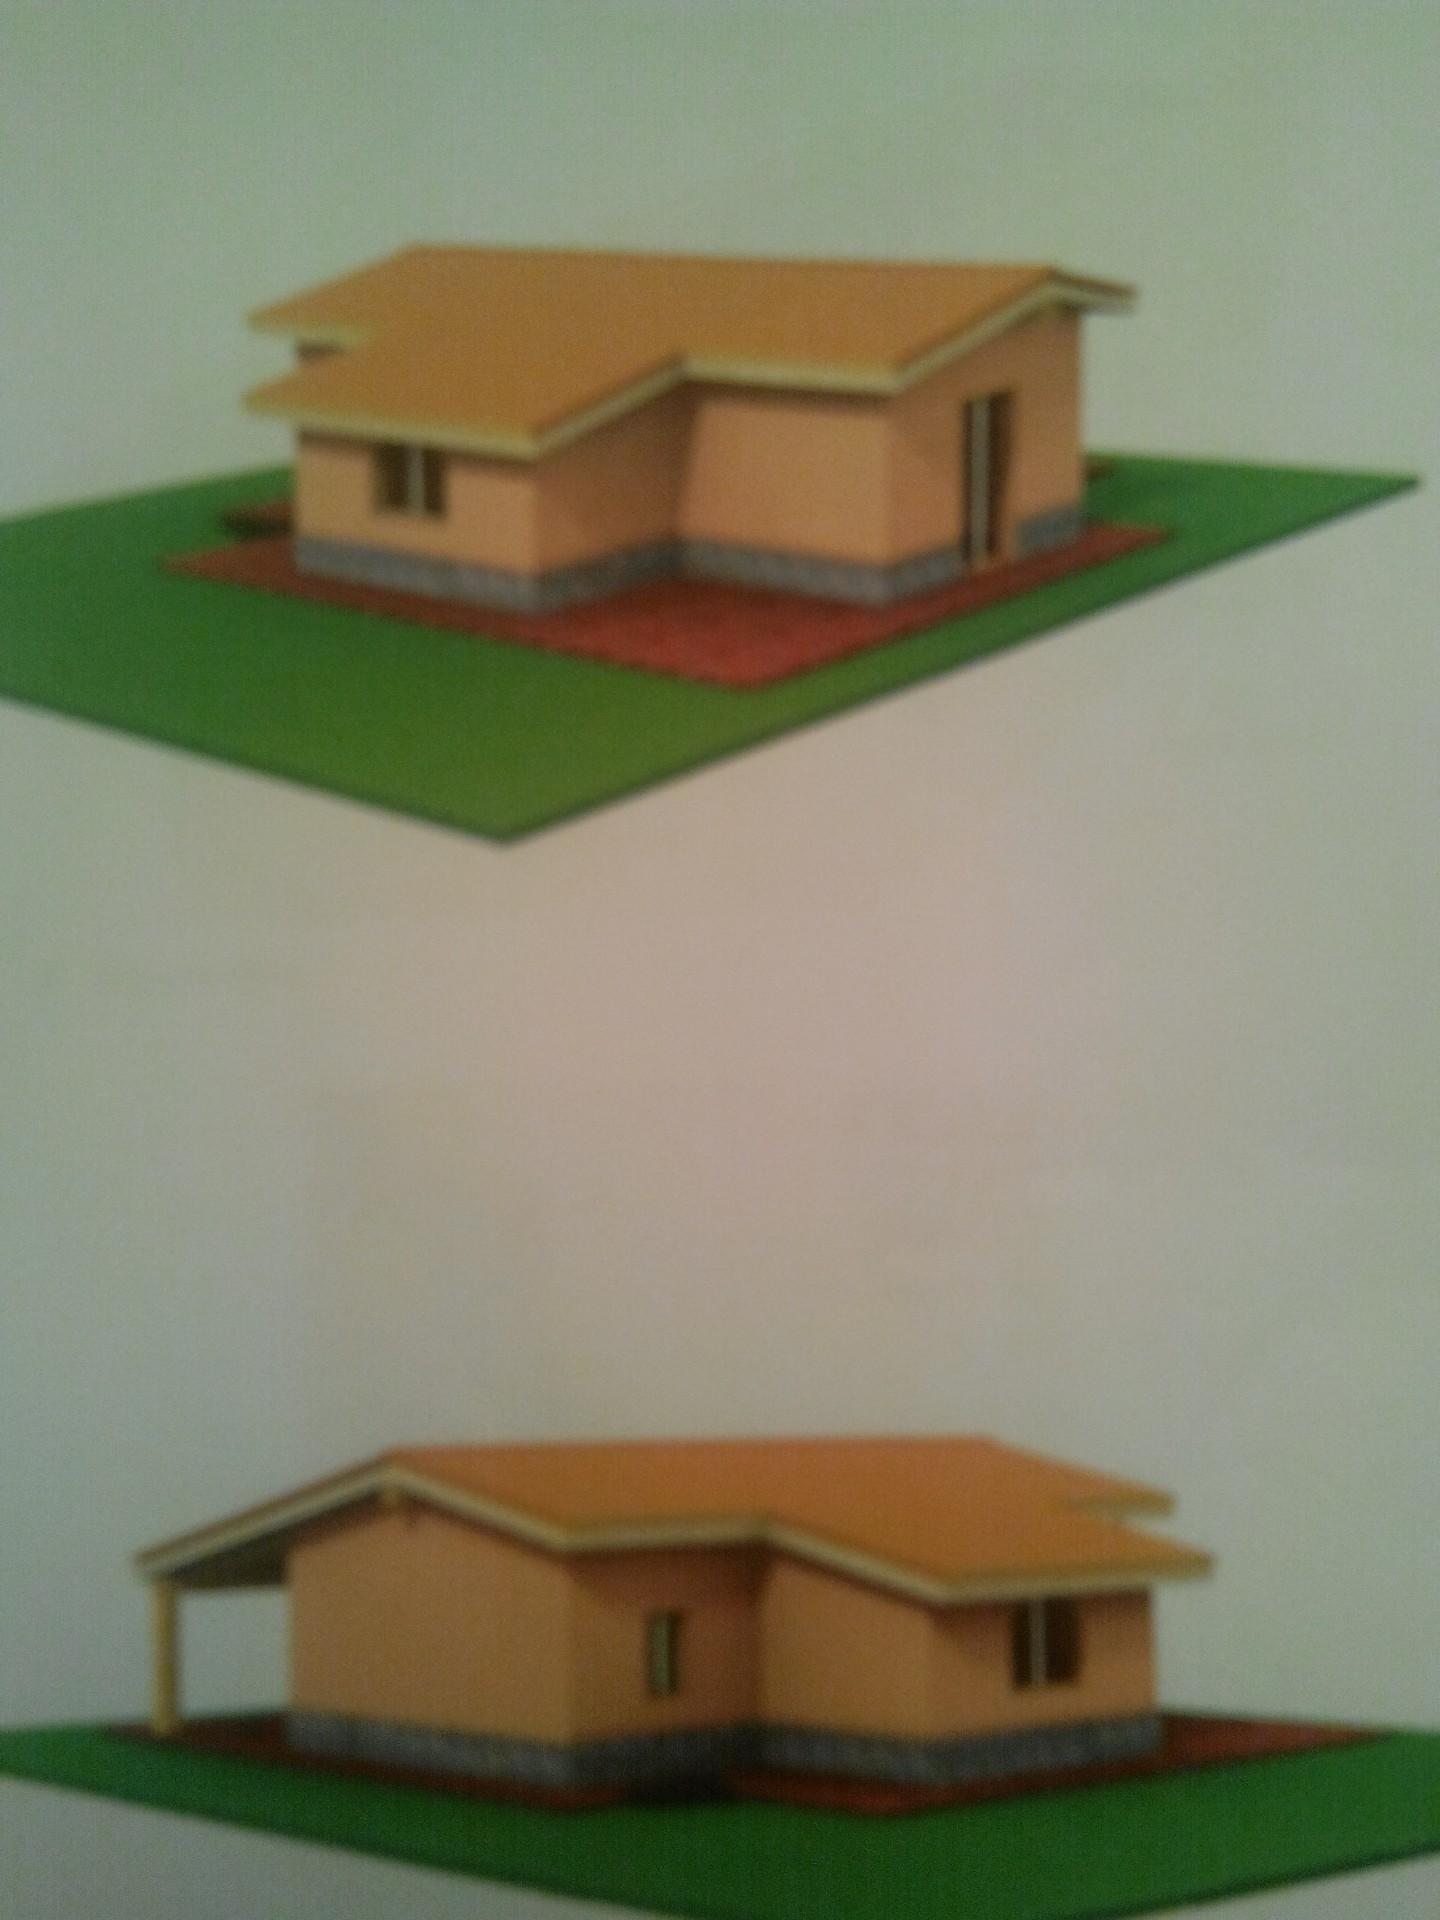 Terreno edif. residenziale in vendita, rif. MV/02